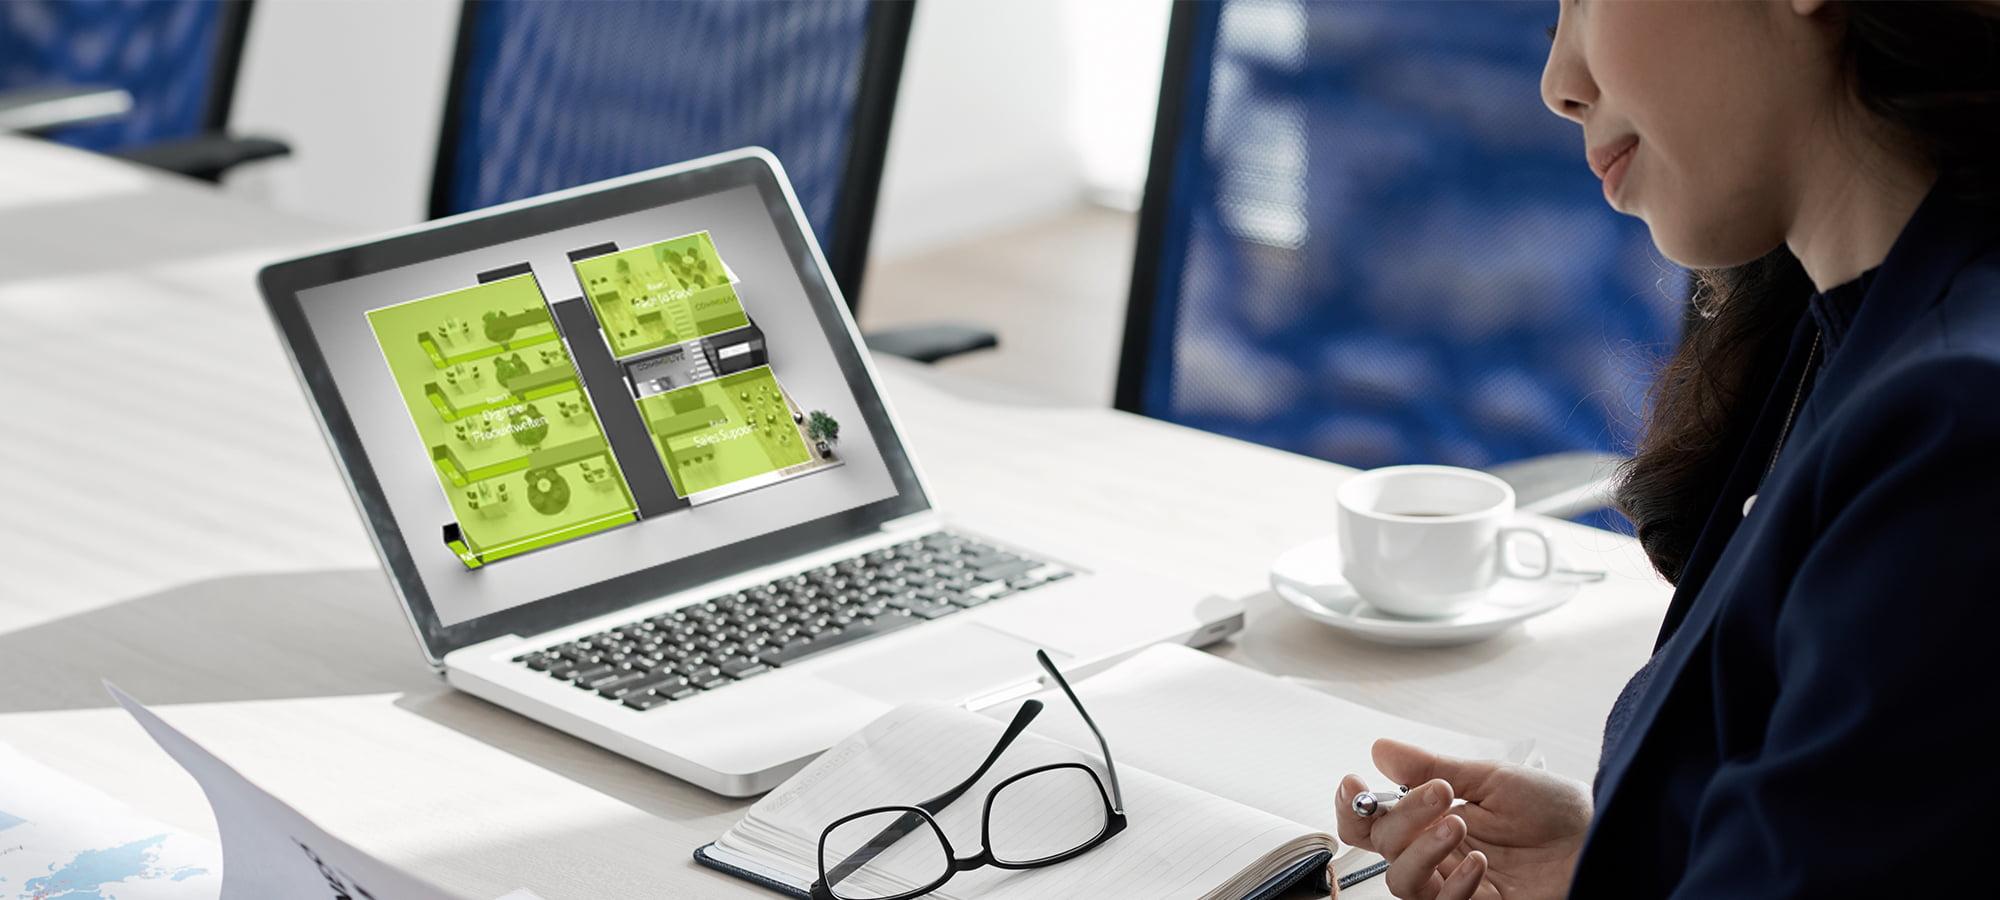 Digitale Produktpräsentation als Messe-Ersatz auf einem Notebook.